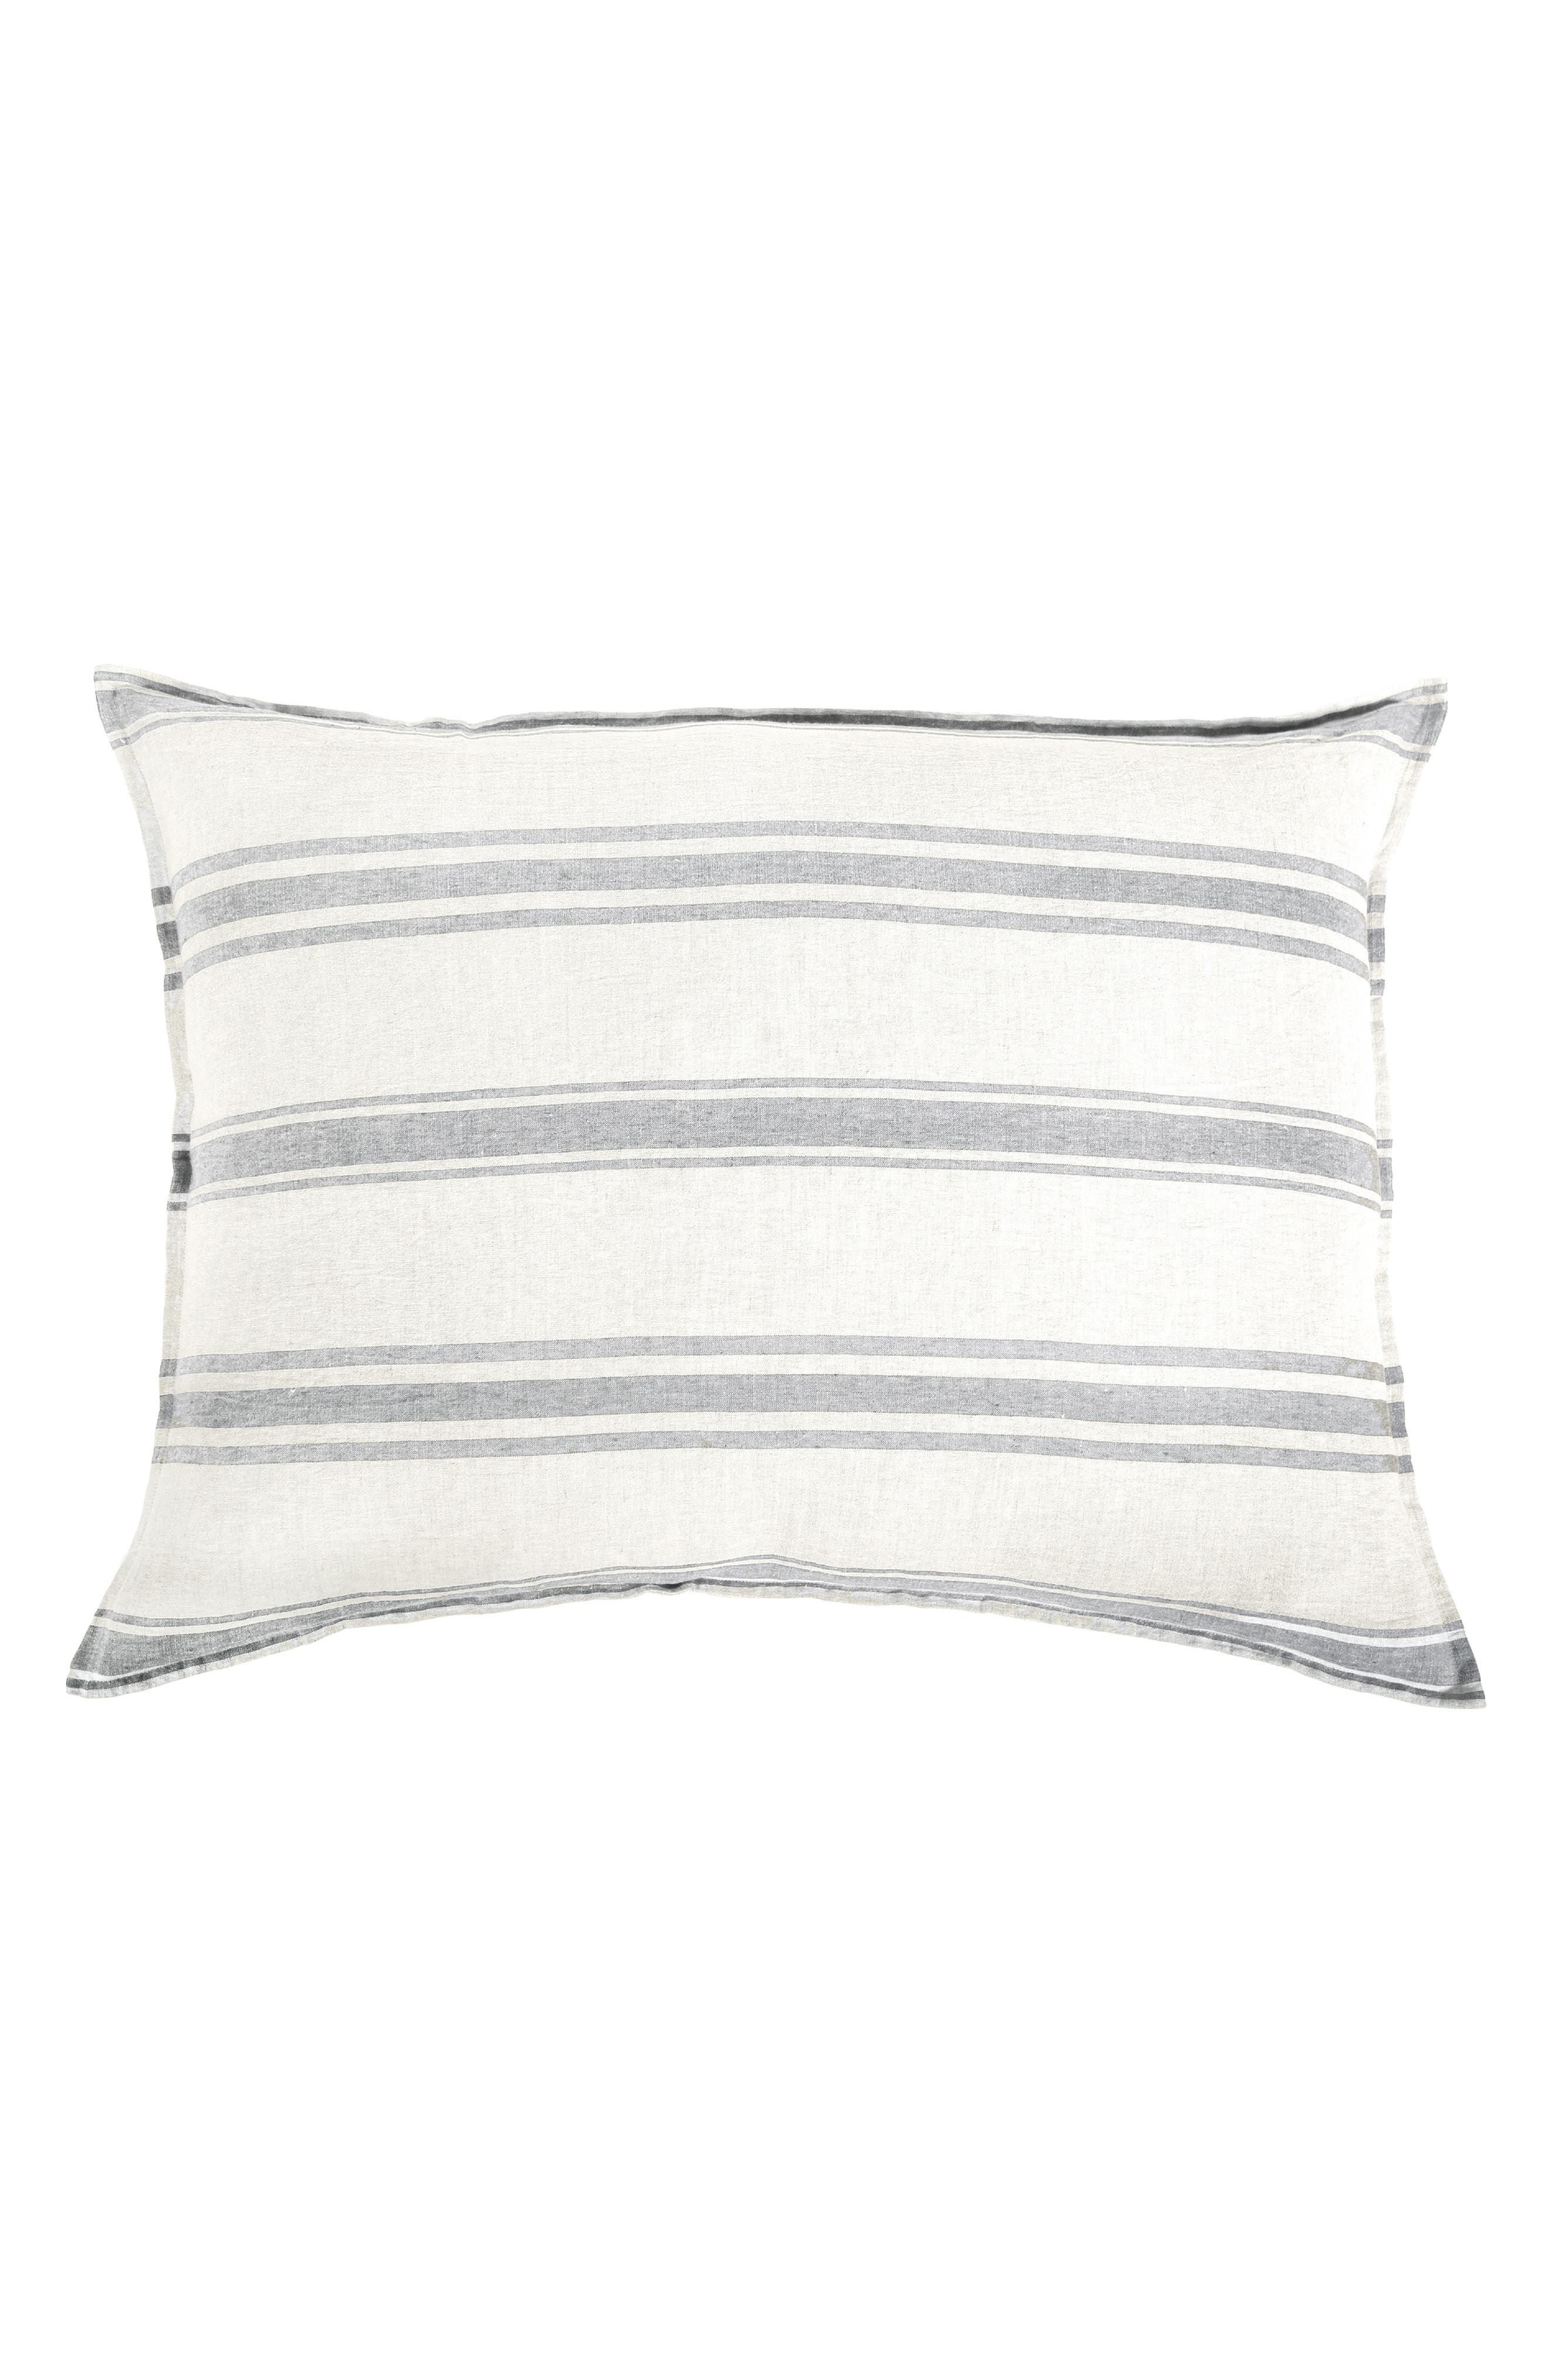 SFERRA Sferra Chianni Accent Pillow